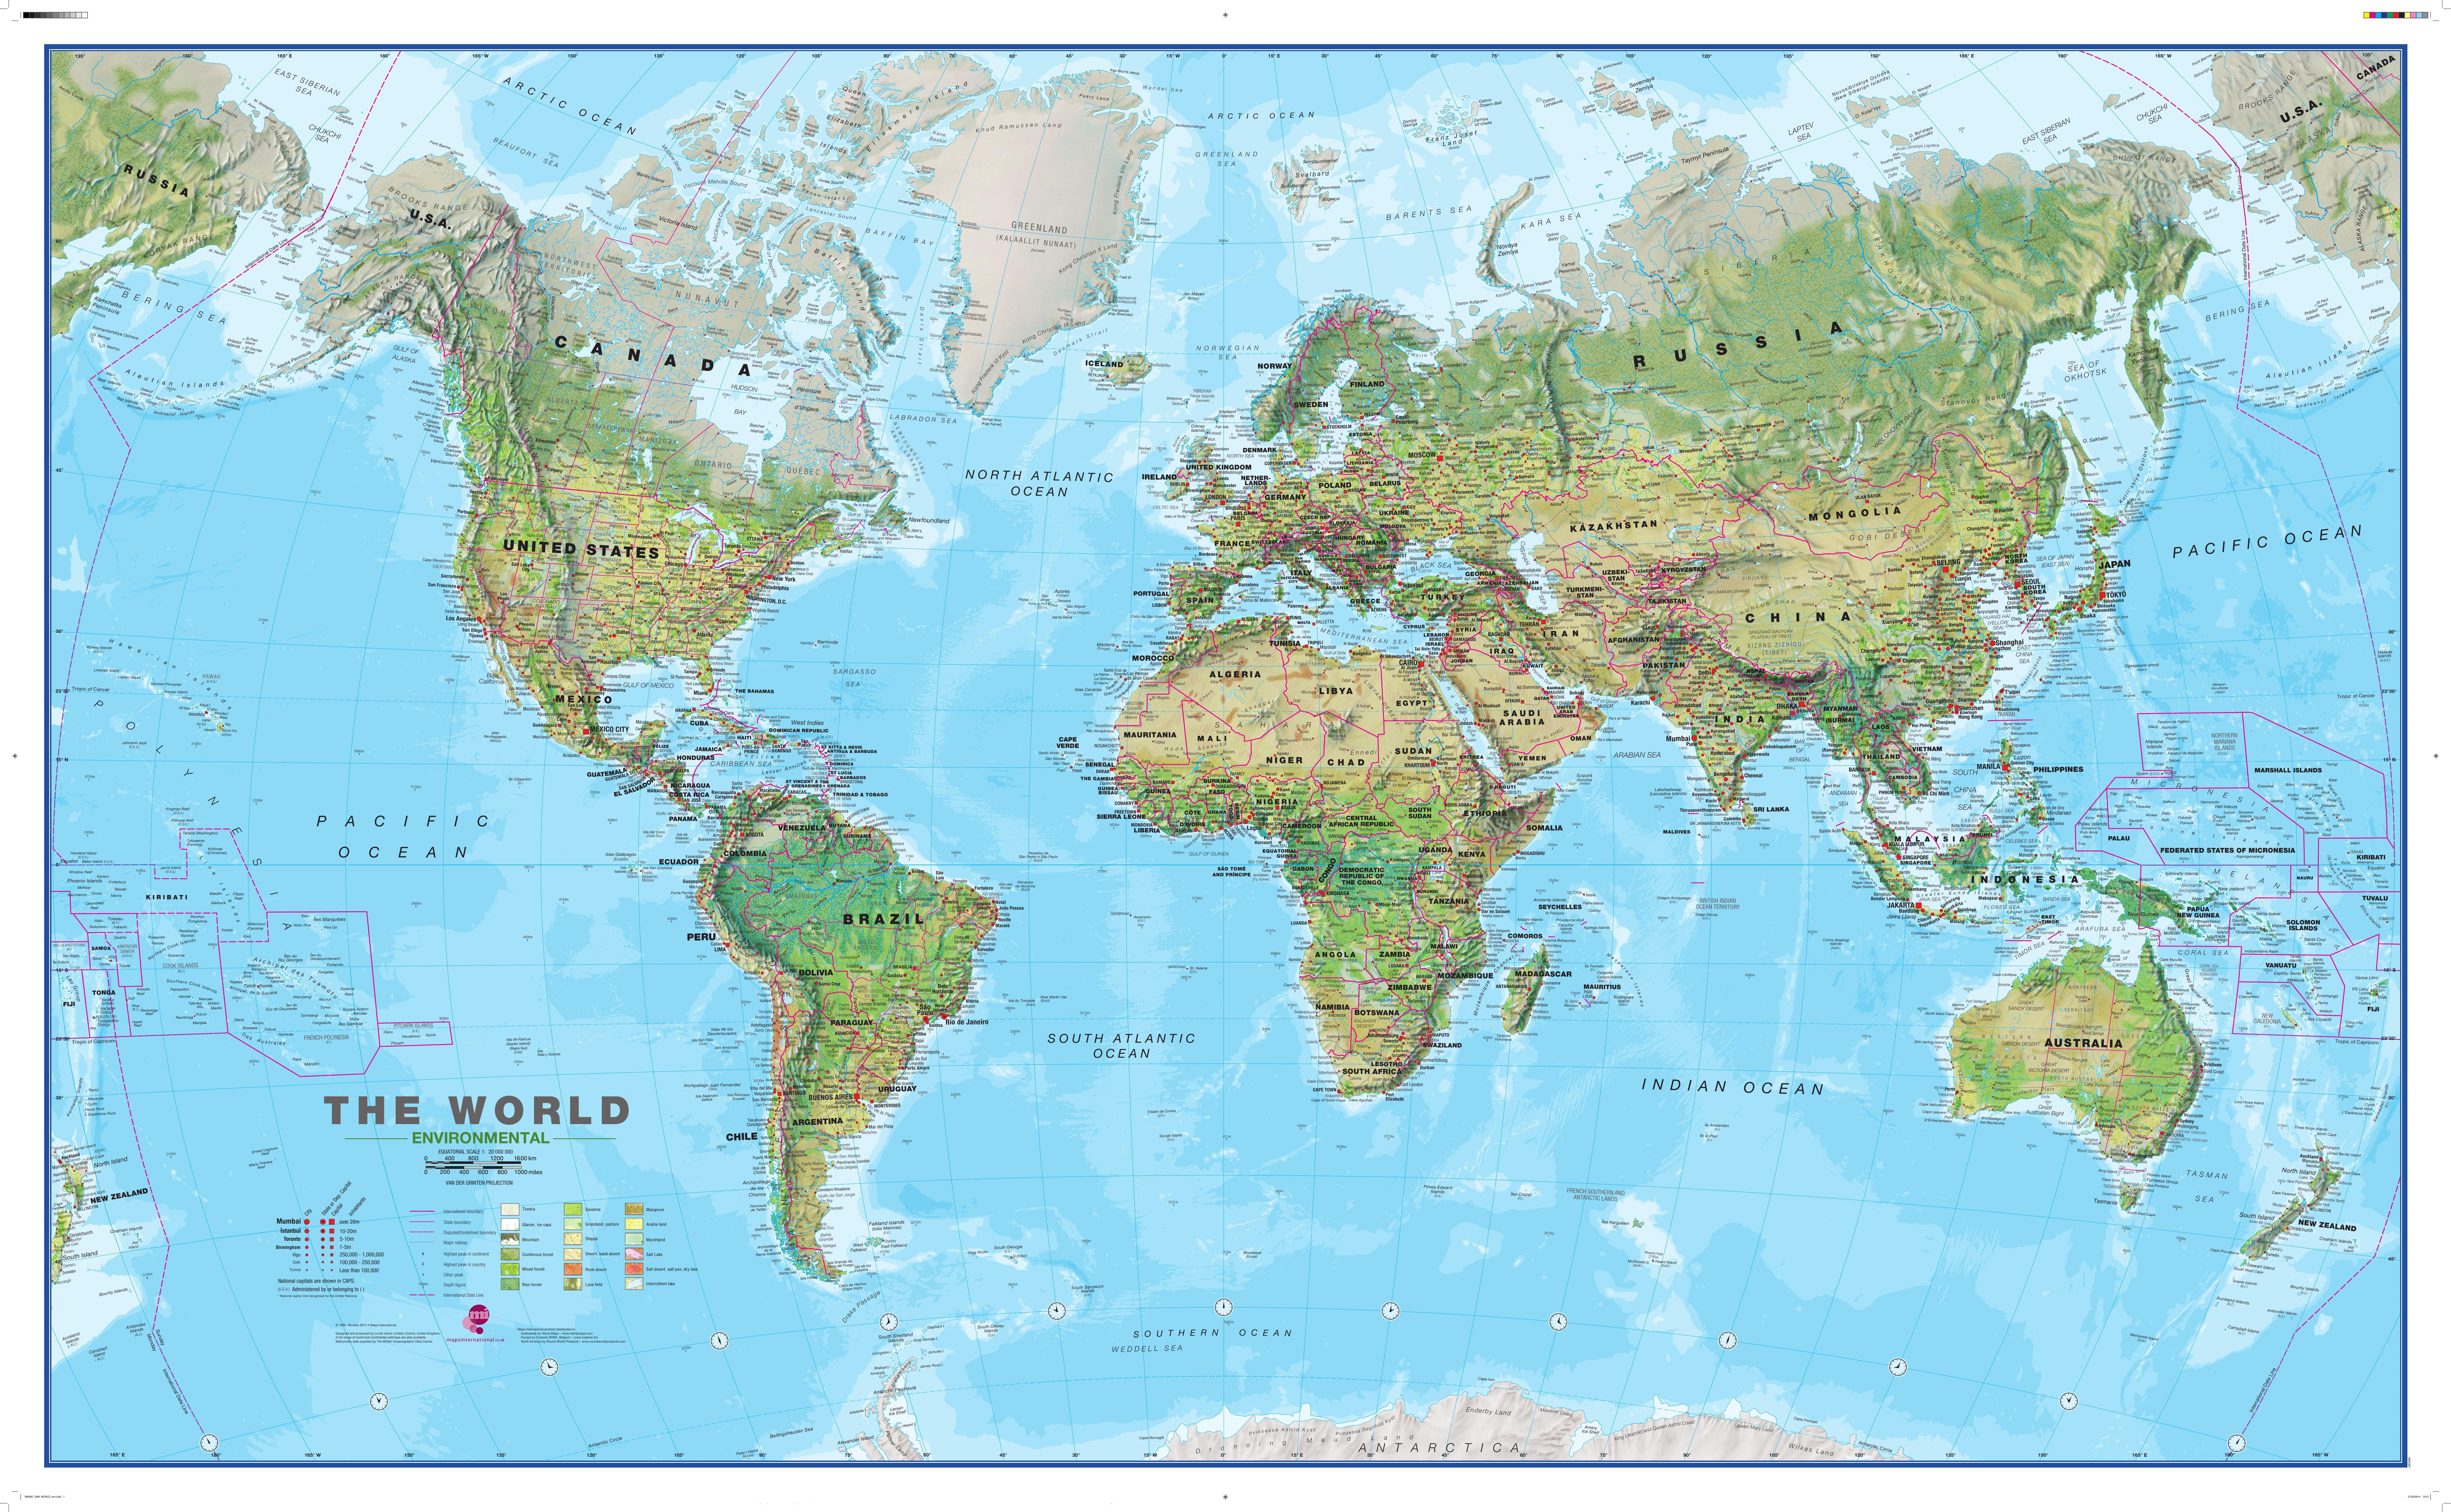 Karte Erde.Physikalische Weltkarte 1 20 Mio 195 X 120cm